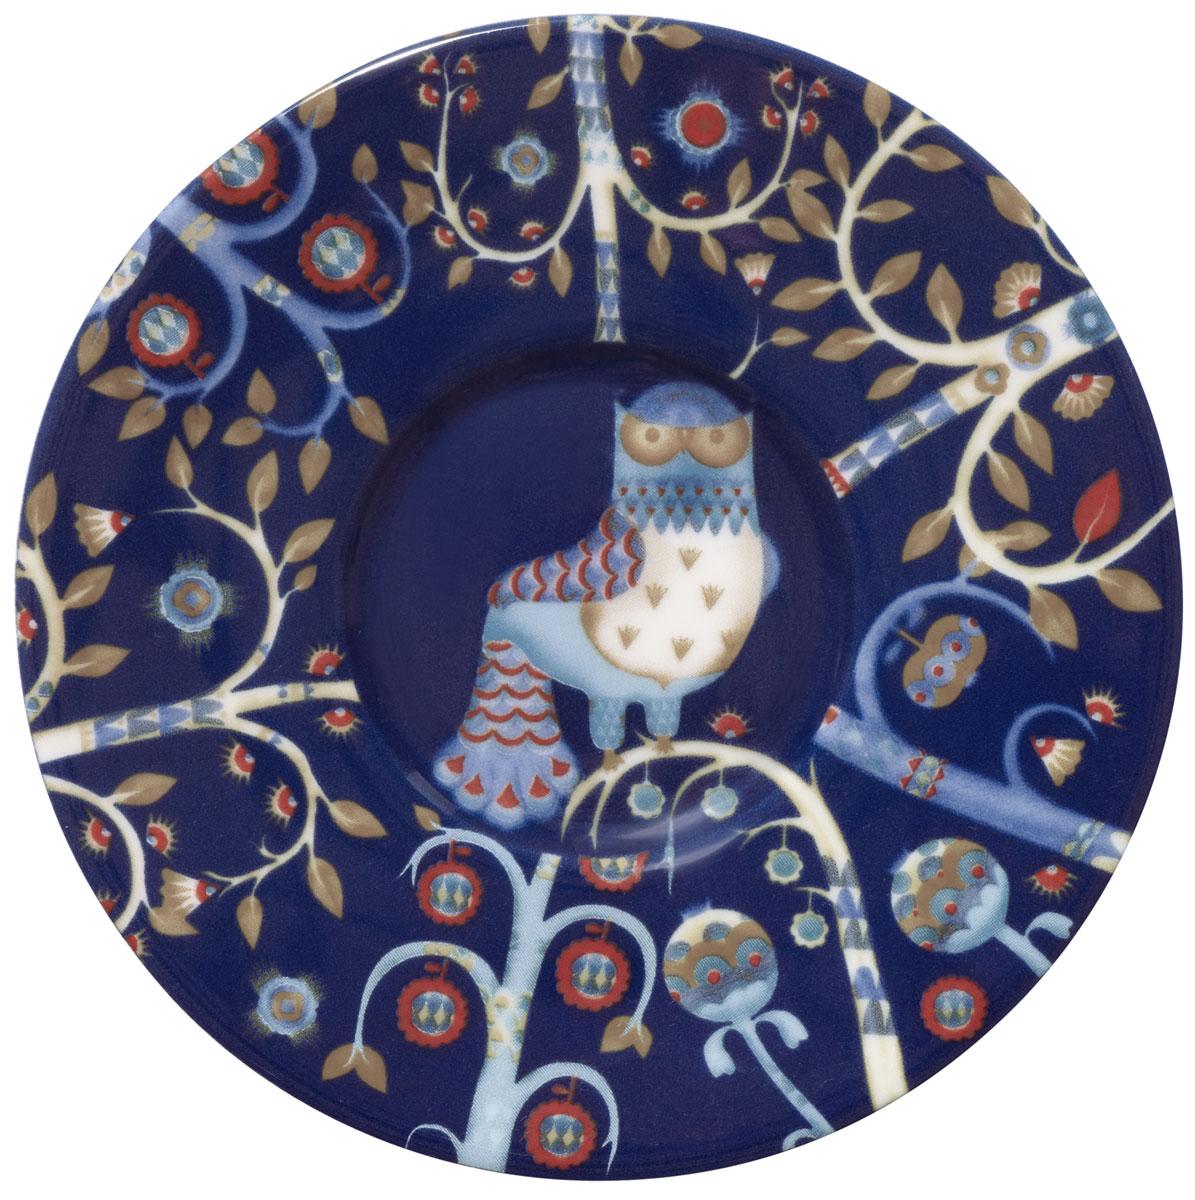 Блюдце Iittala Taika, для кофейной чашки, цвет: синий, диаметр 11 см1012448Блюдце для кофейной чашки Iittala Taika выполнено из качественного жароустойчивого прочного фарфора с долговечным стекловидным эмалевым покрытием.Можно мыть в посудомоечной машине. Диаметр: 11 см.